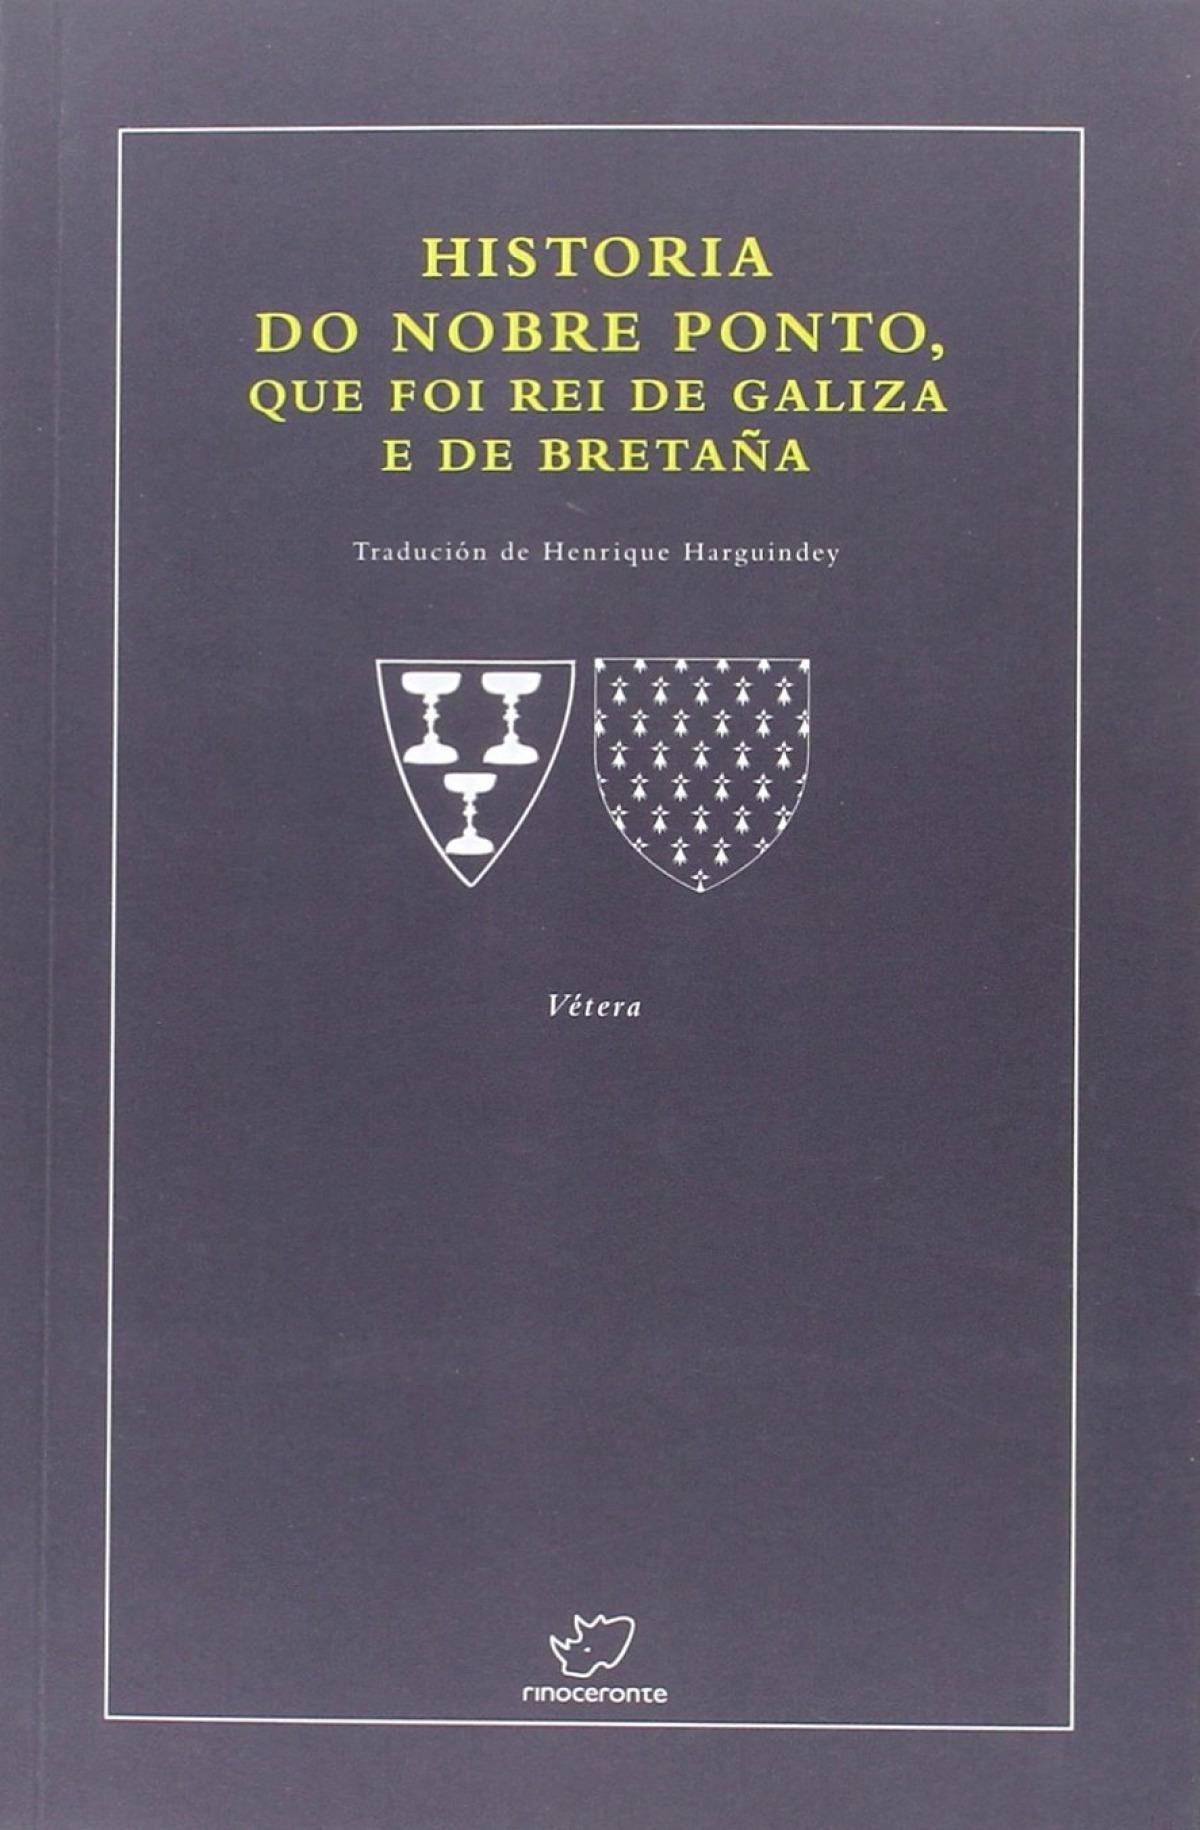 Historia nobre ponto, que foi rei de galiza e bretaña 9788492866731